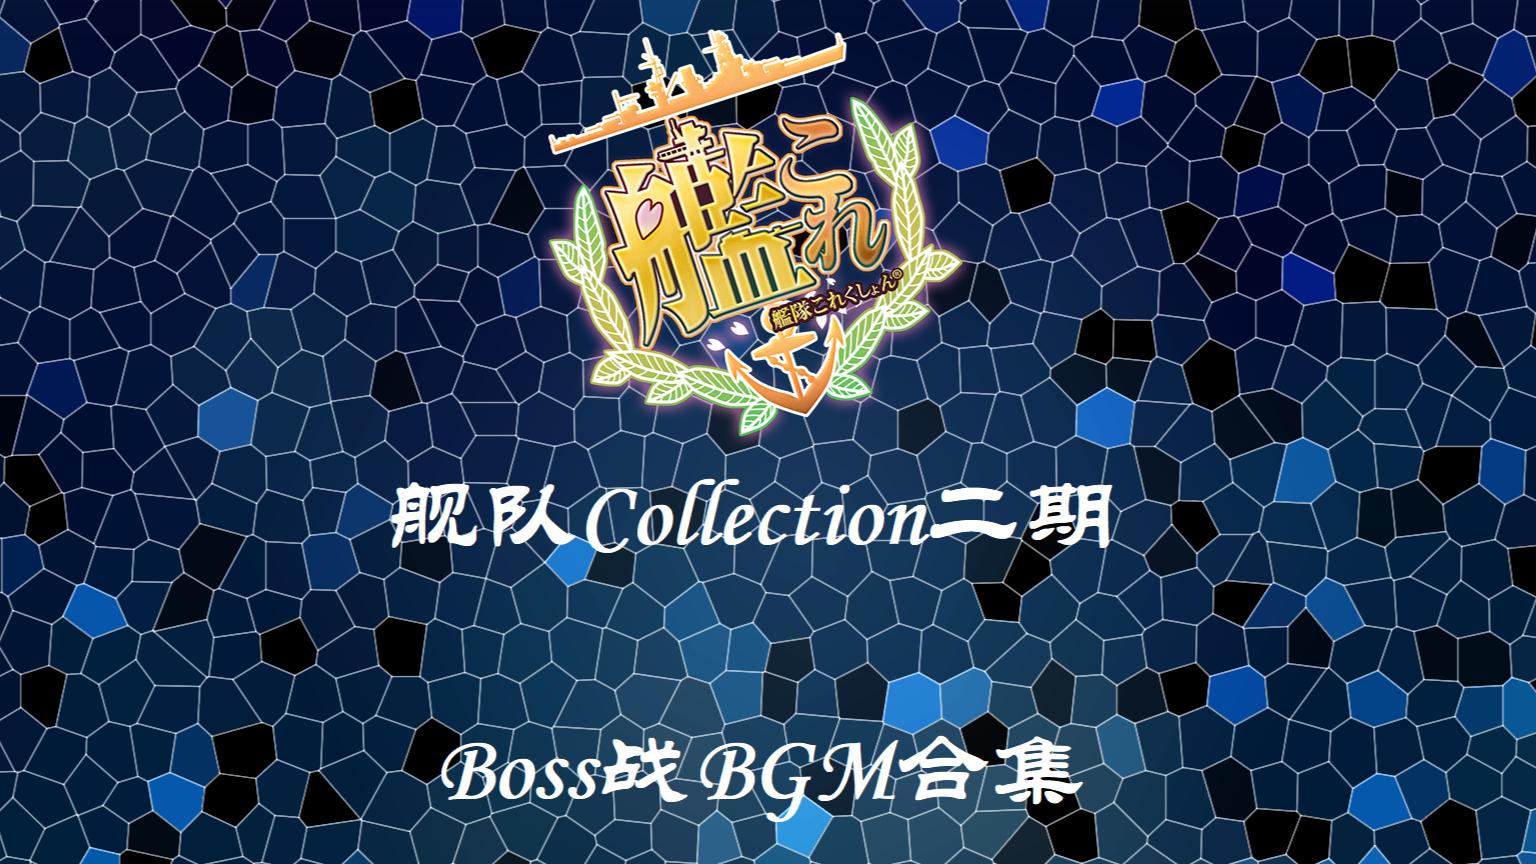 【自制BGM合集】舰队collection二期 期间限定海域BOSS战BGM